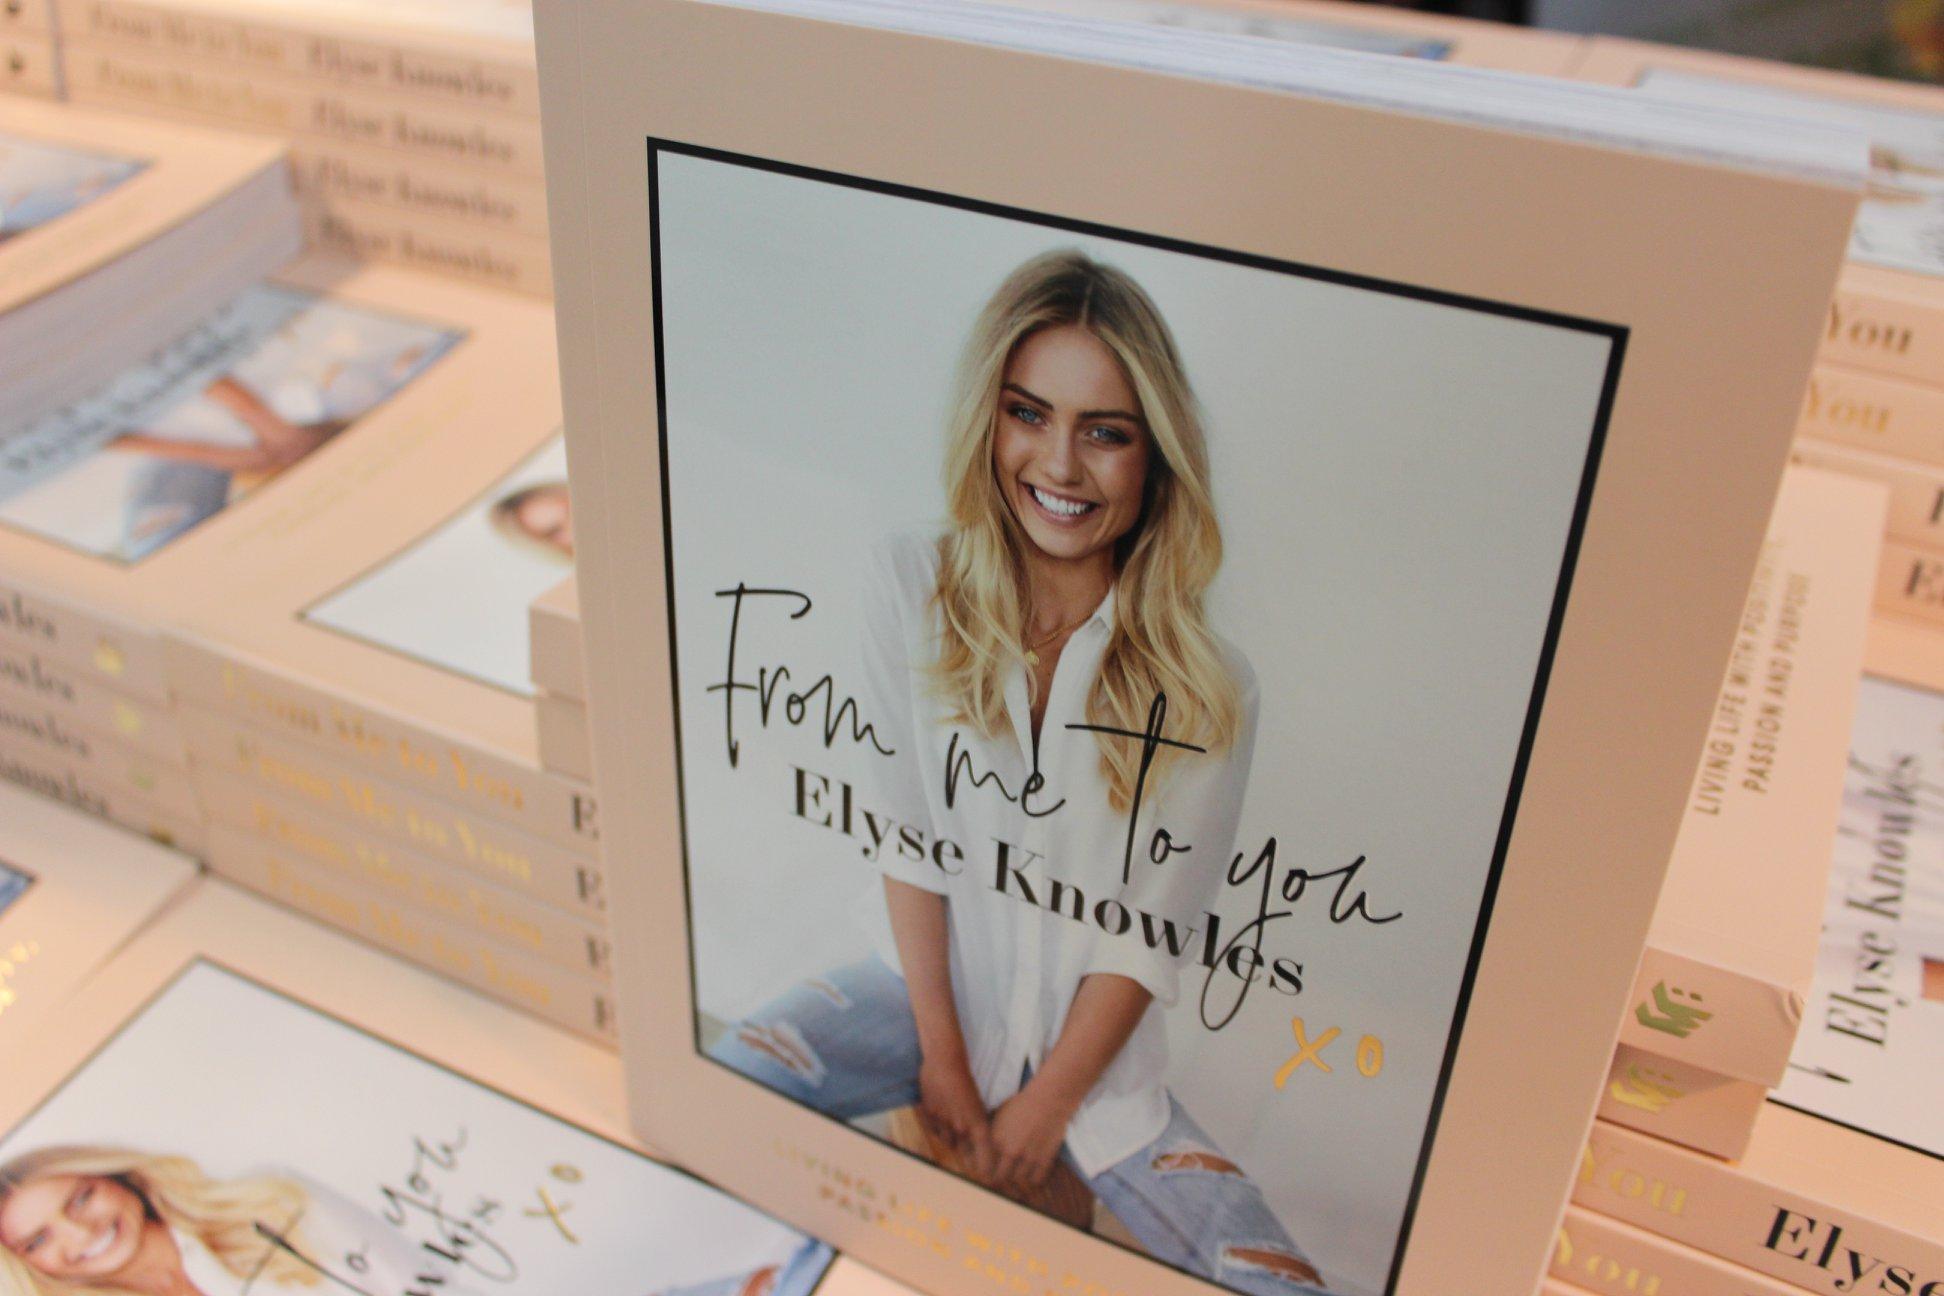 ELYSE KNOWLES BOOK SIGNING 2.jpg